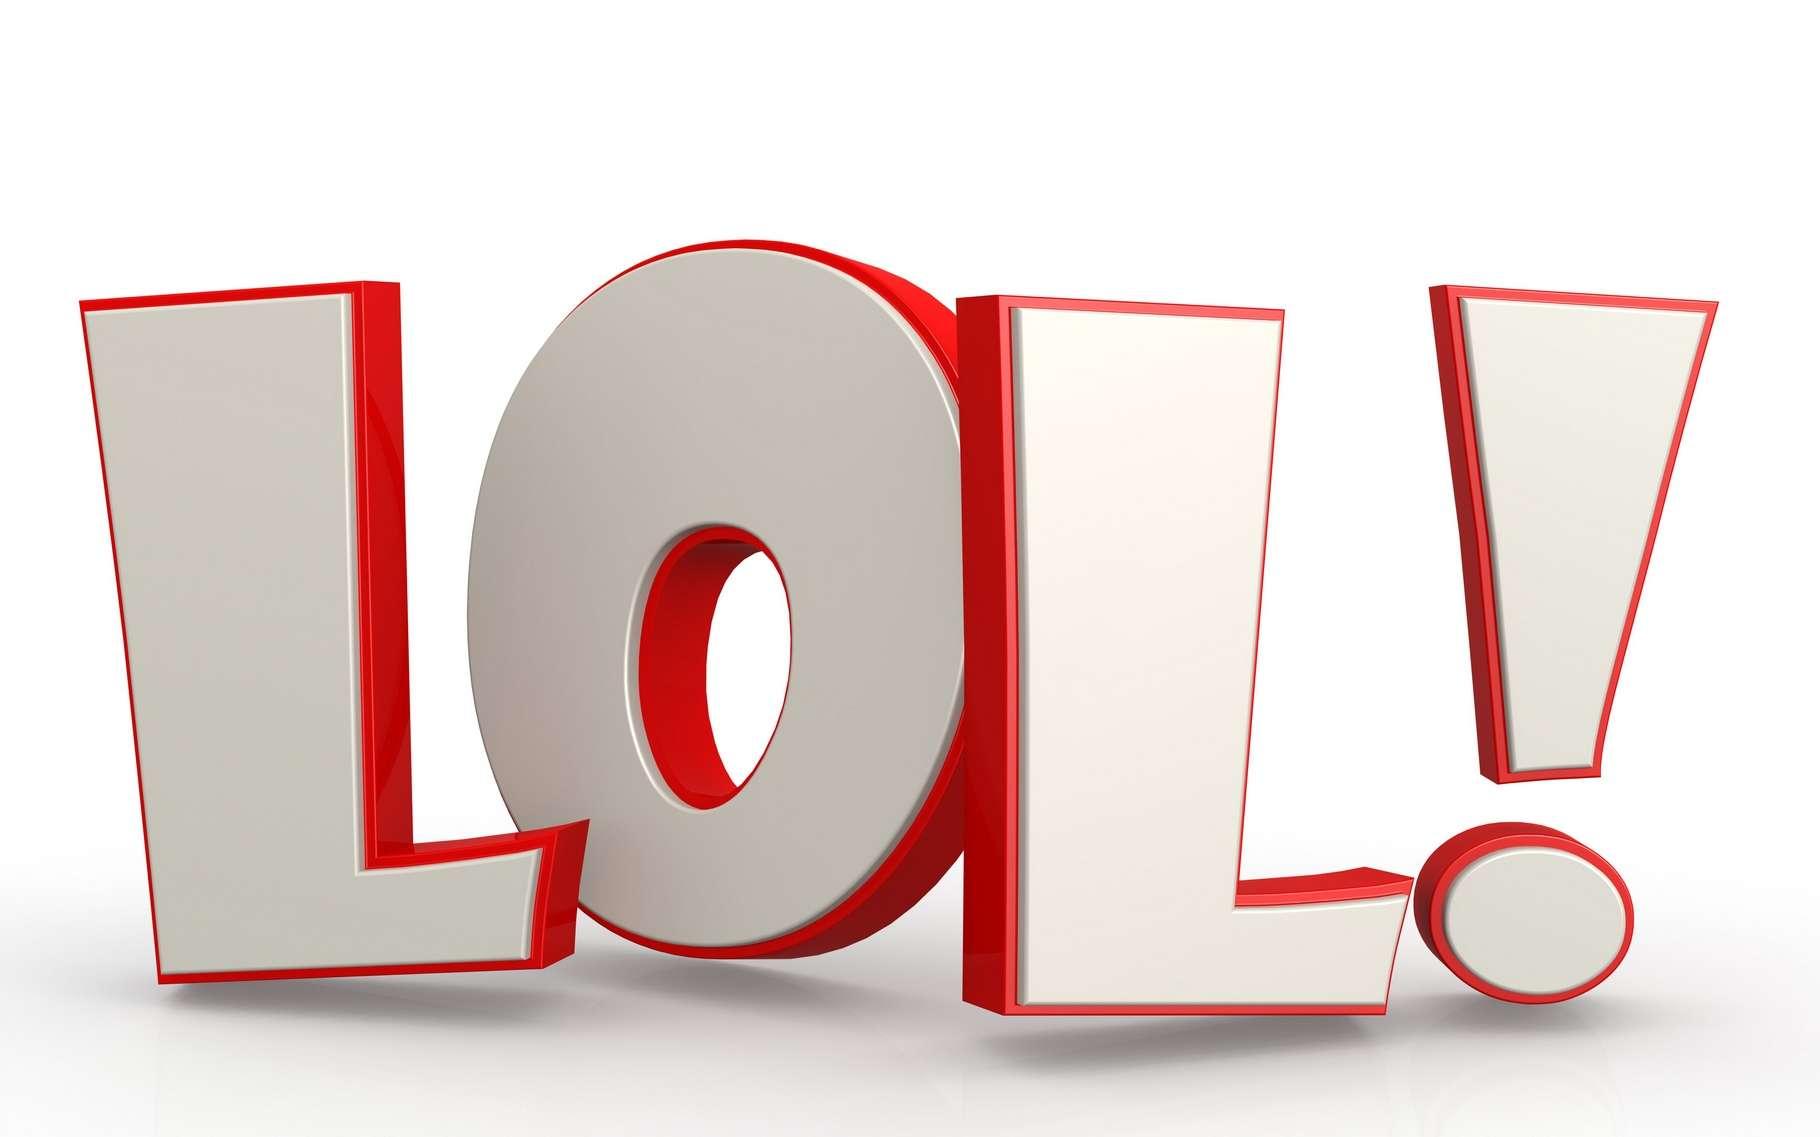 Née sur Internet, l'expression « lol », acronyme de laughing out loud s'est peu à peu glissée dans le langage courant utilisé par la génération Y. © Tang Yan Song, Shutterstock